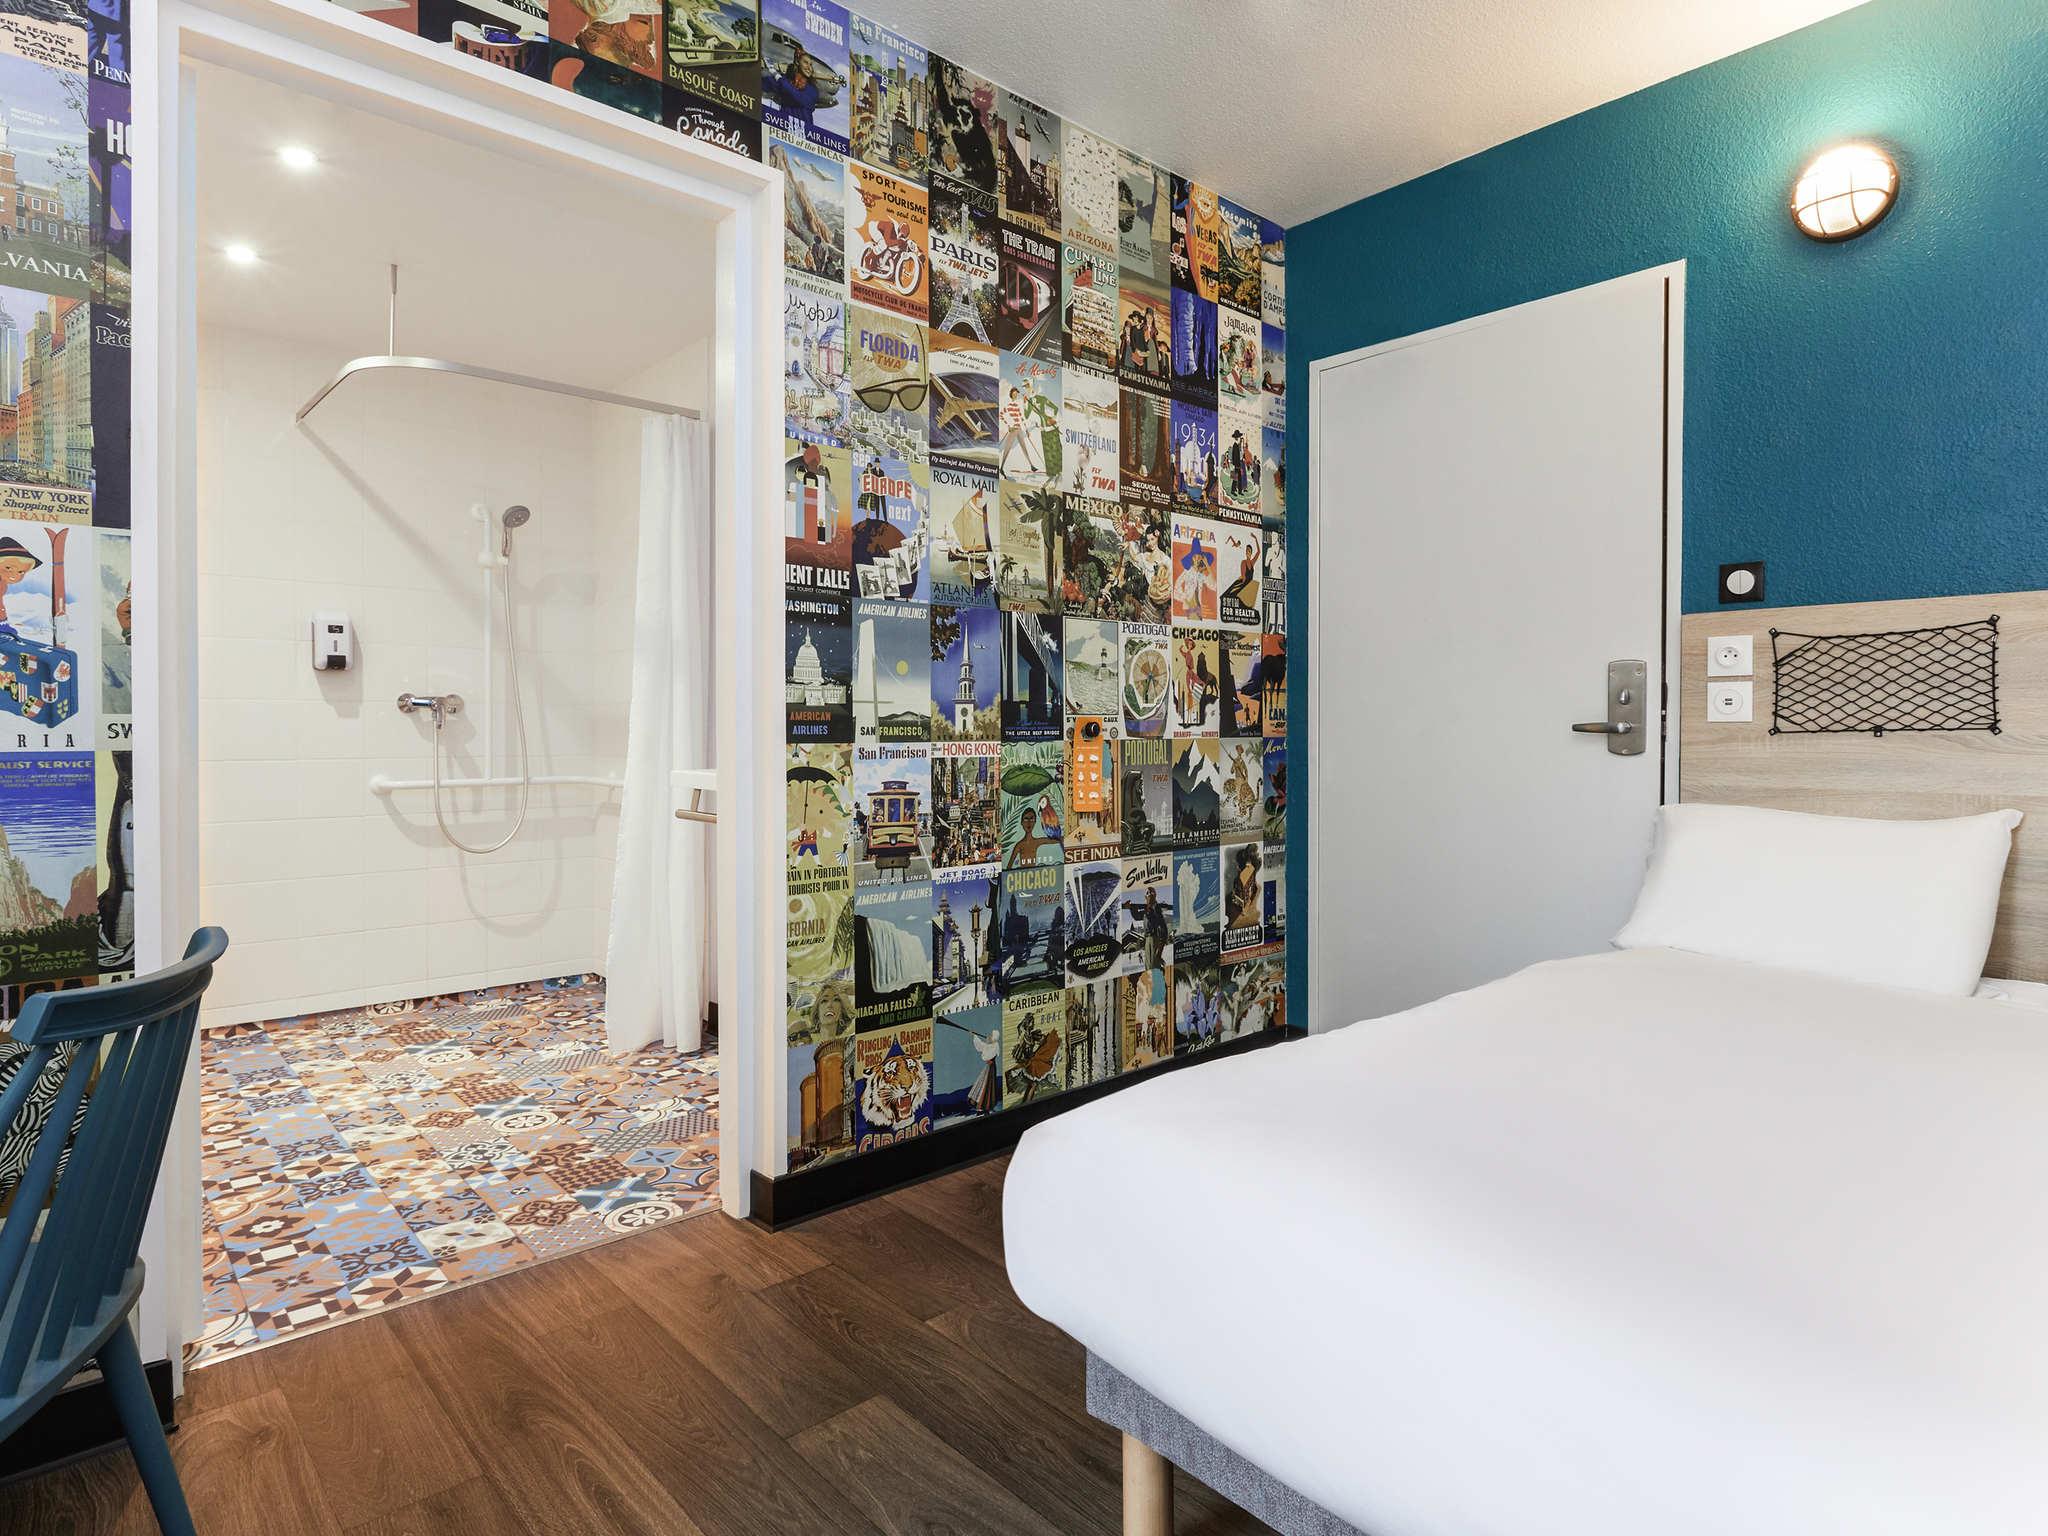 Hotel - hotelF1 Les Ulis Courtaboeuf